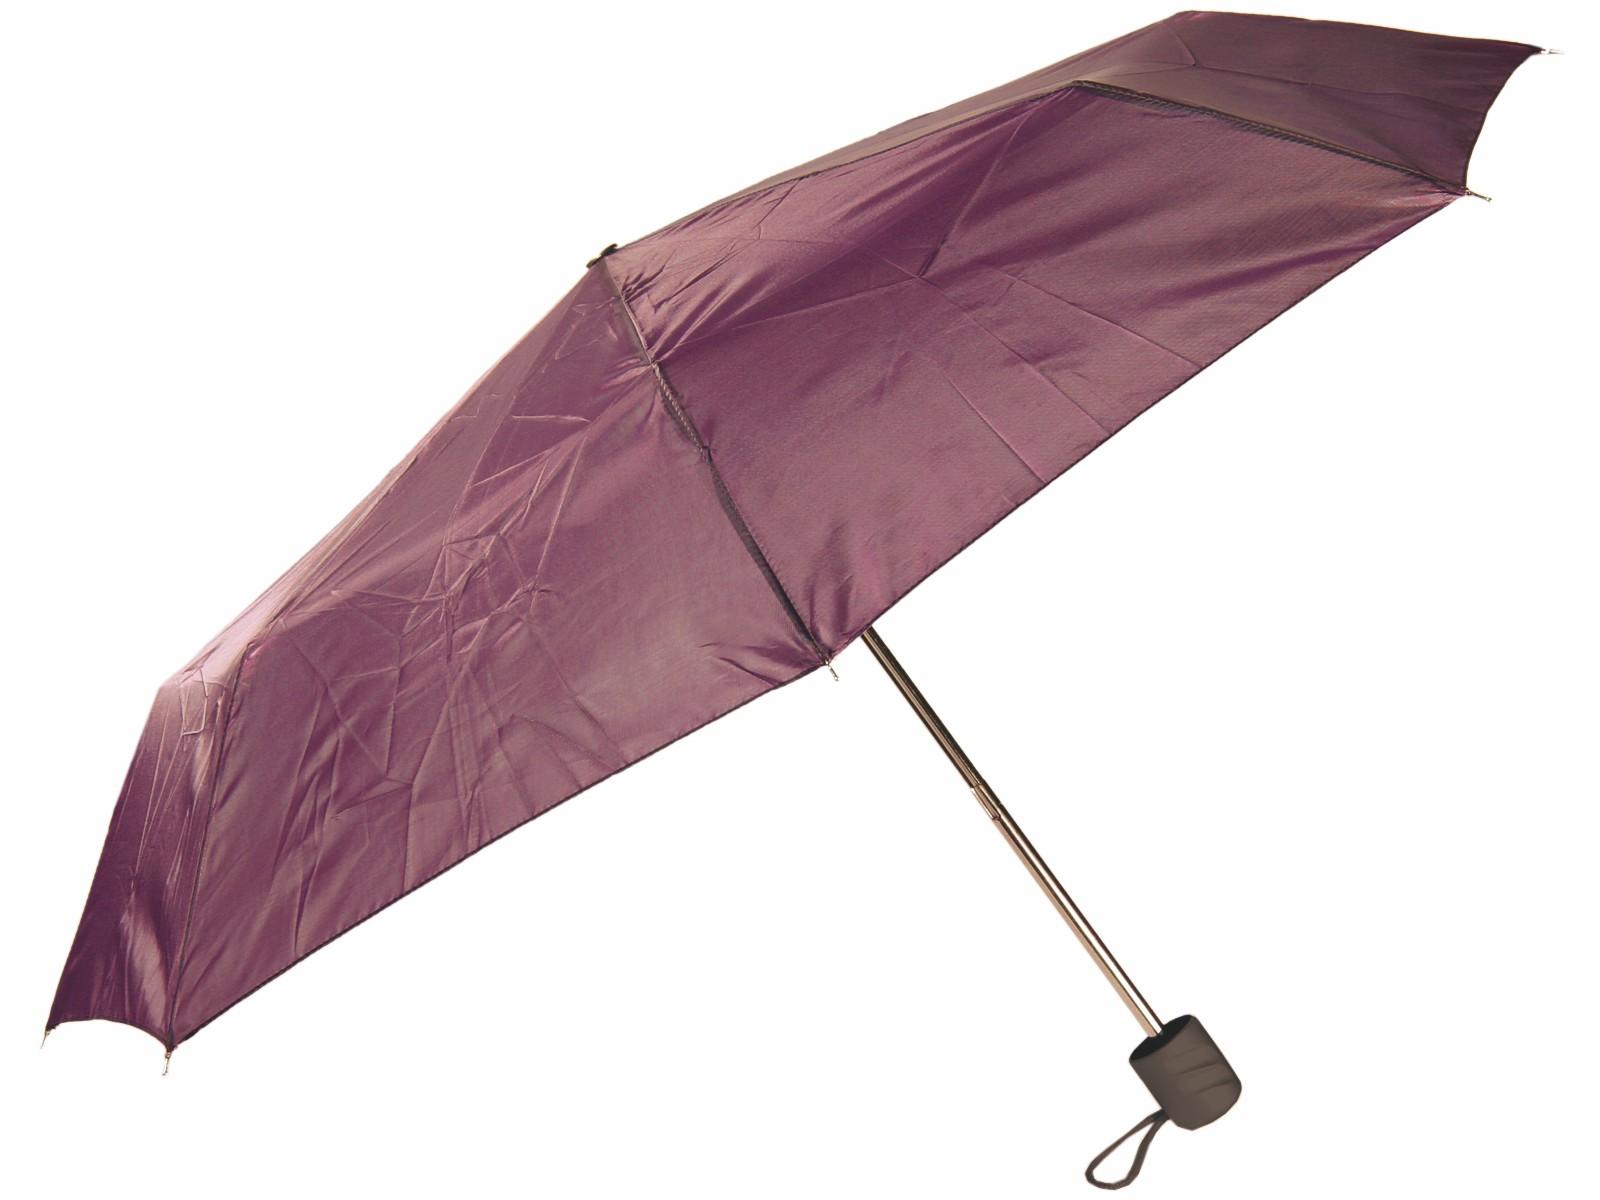 Taschen-Regenschirm Bordeaux